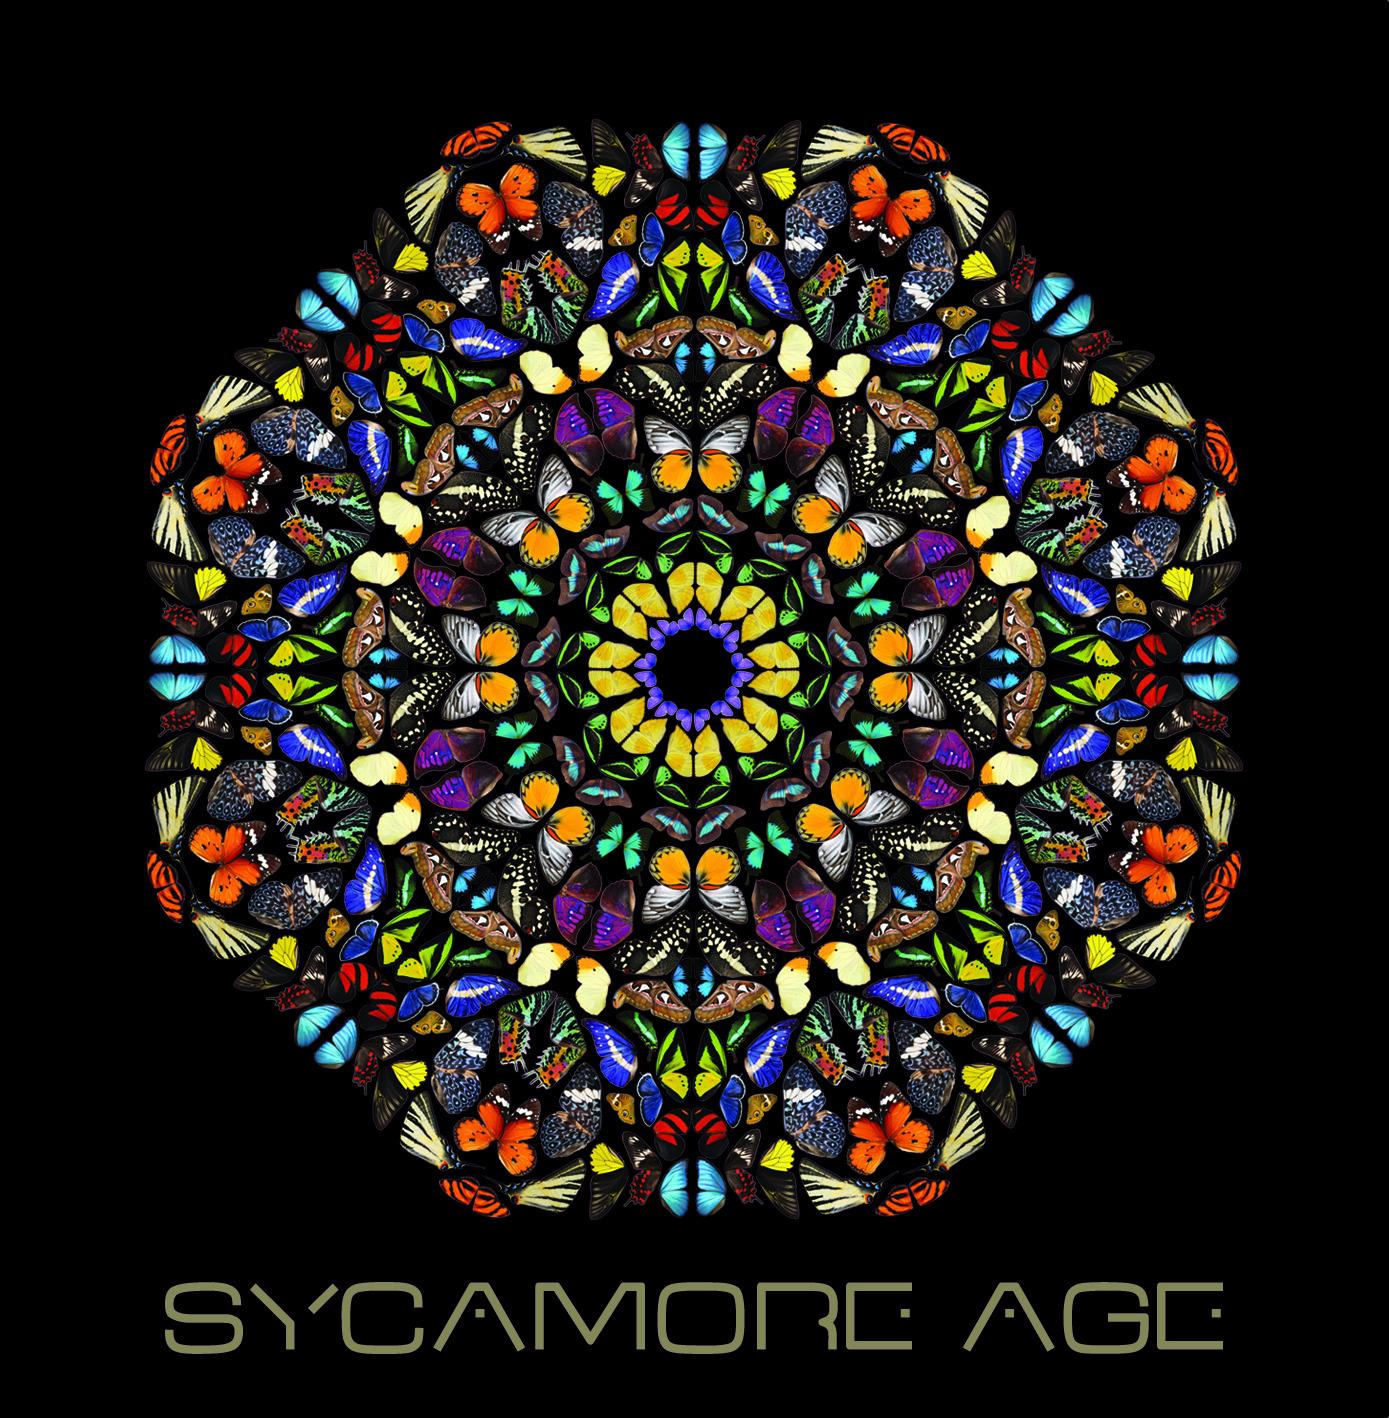 SYCAMORE AGE // Premier album à paraitre le 10 juin chez Rough Trade/Differ-Ant